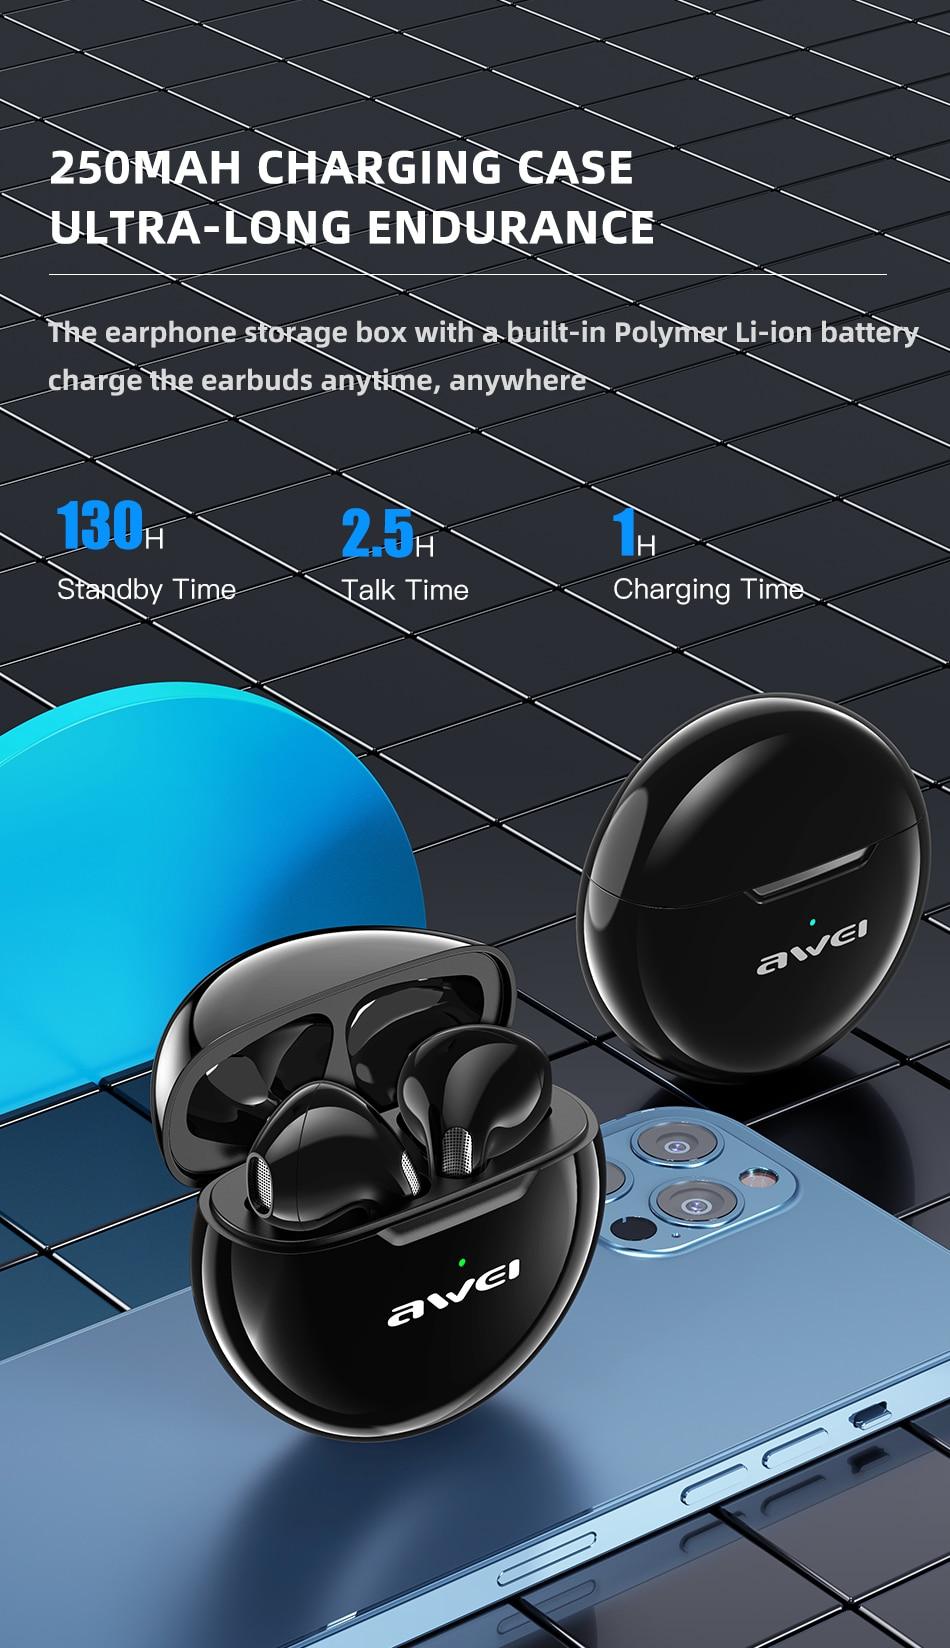 Ασύρματα Ακουστικά Earbuds Bluetooth V5 Awei με Θήκη Φόρτισης 250mAh - Μαύρο